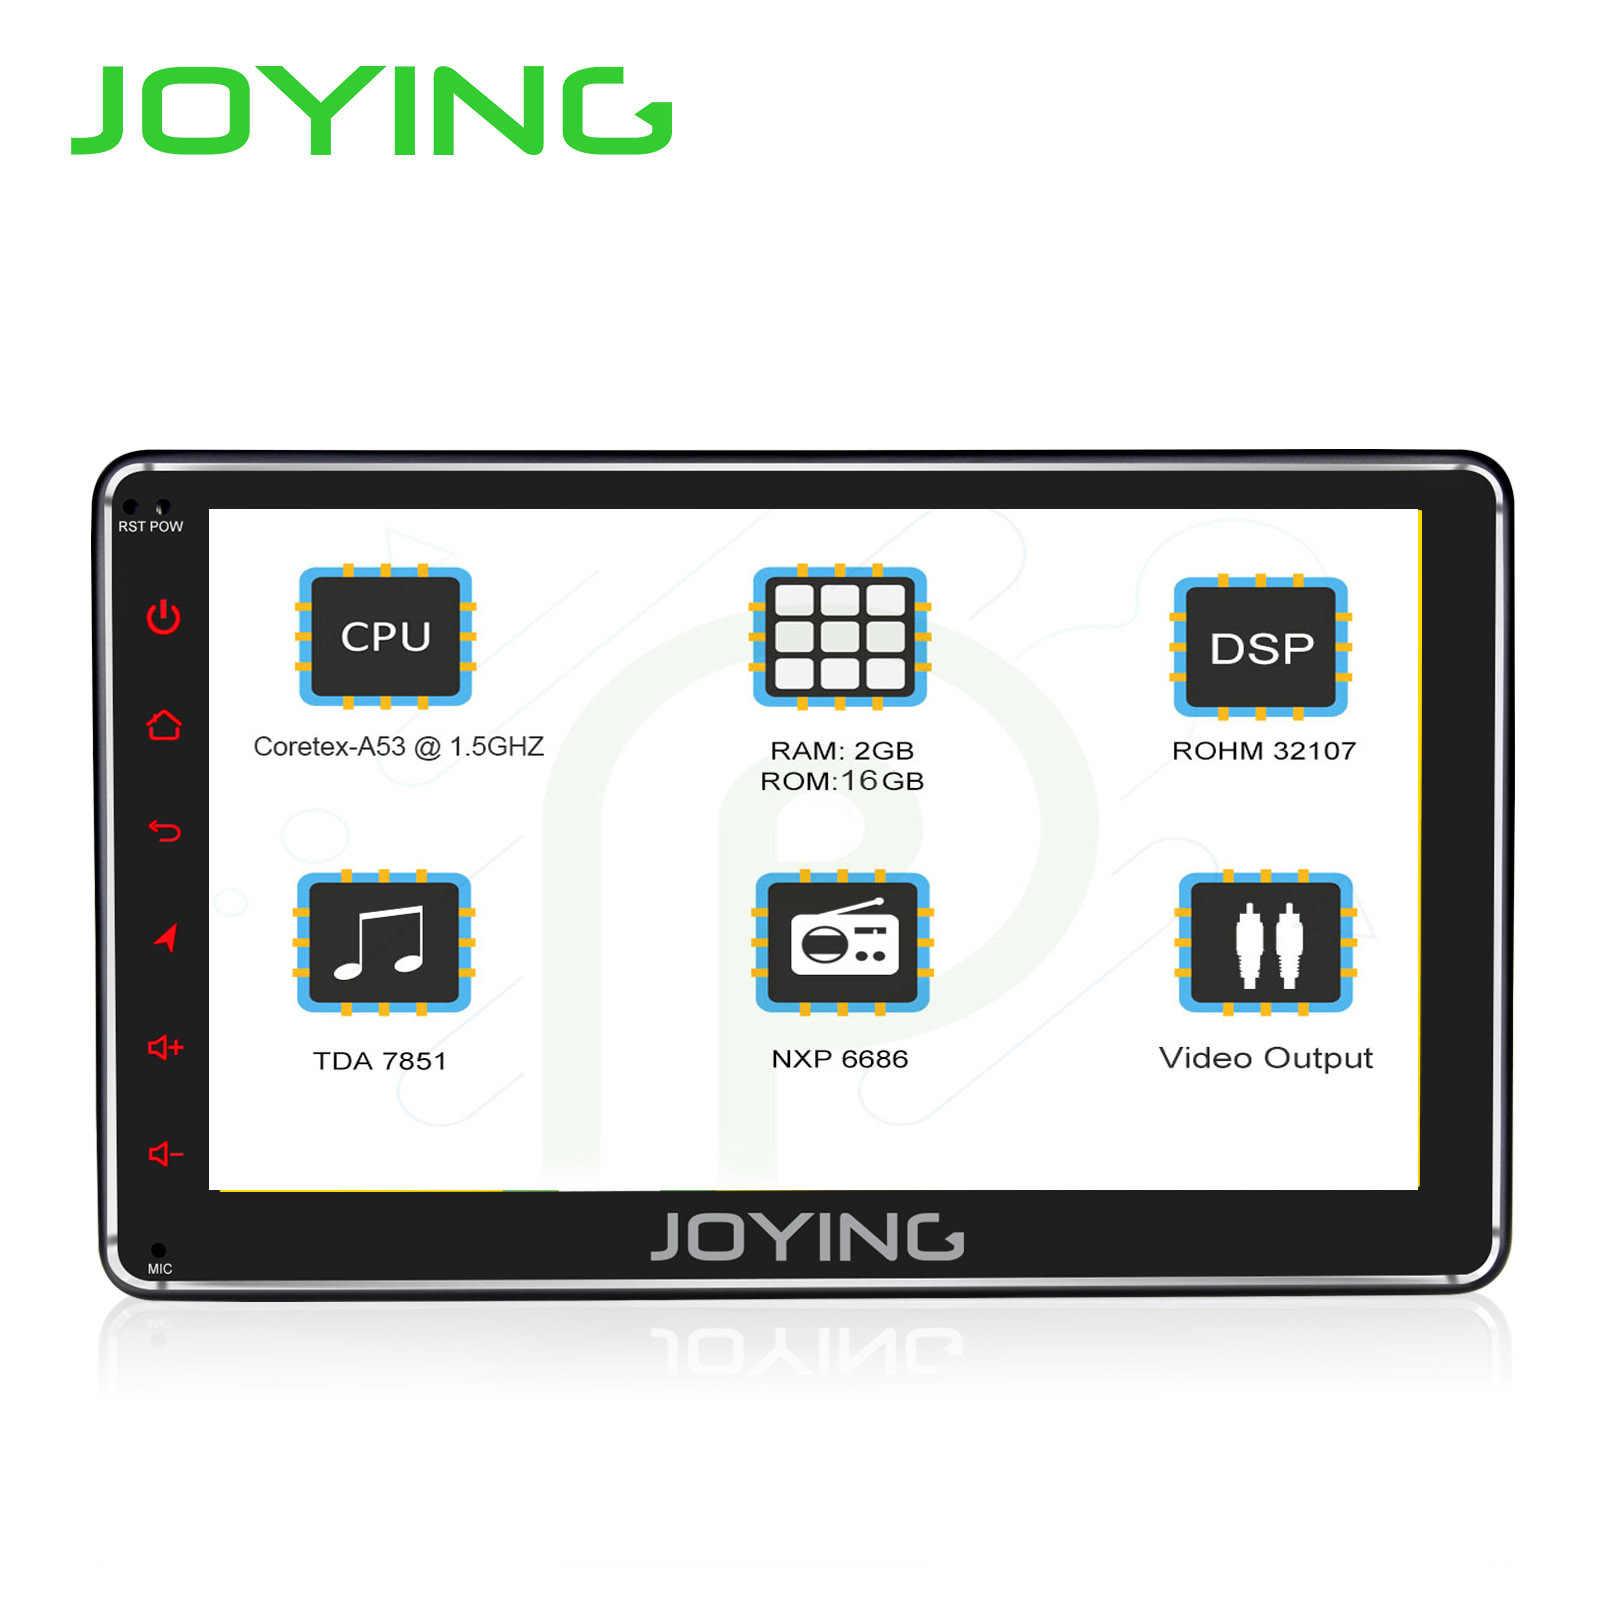 """7 """"ヘッドユニットアンドロイド 9.0 カーラジオステレオ 2 ギガバイト + 16 ギガバイト GPS ナビゲーション、マルチメディア No DVD プレーヤー内蔵 DSP サポートビデオ出力"""